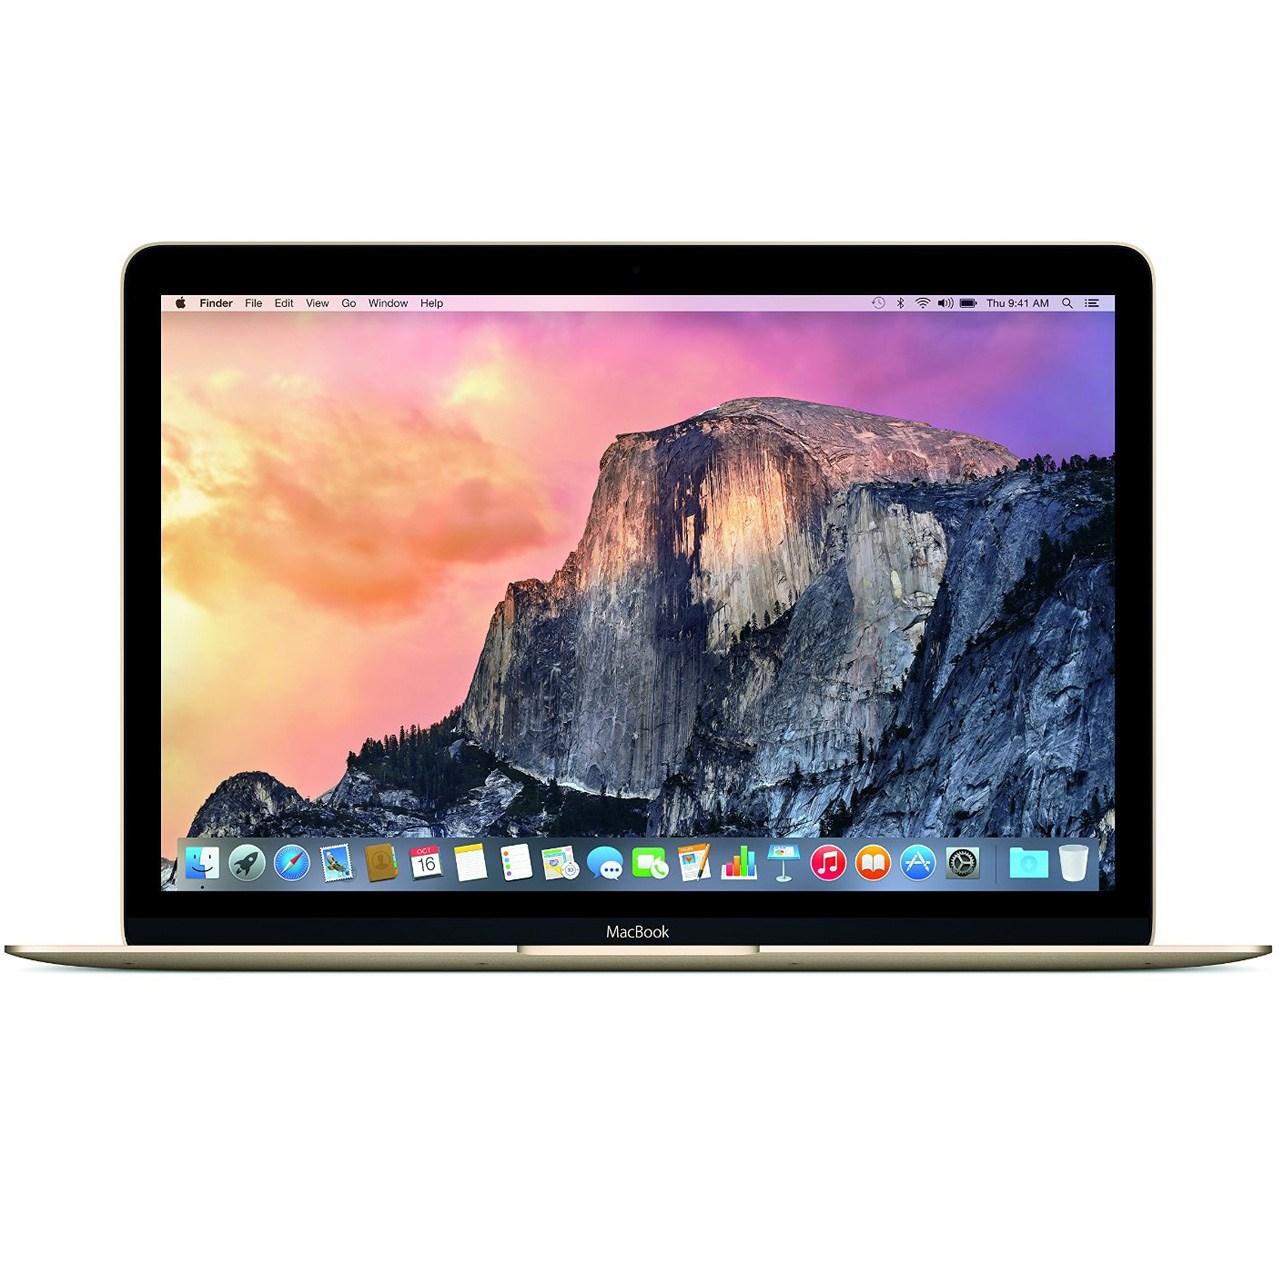 لپ تاپ 12 اینچی اپل مک بوک مدل MK4M2 با صفحه نمایش رتینا